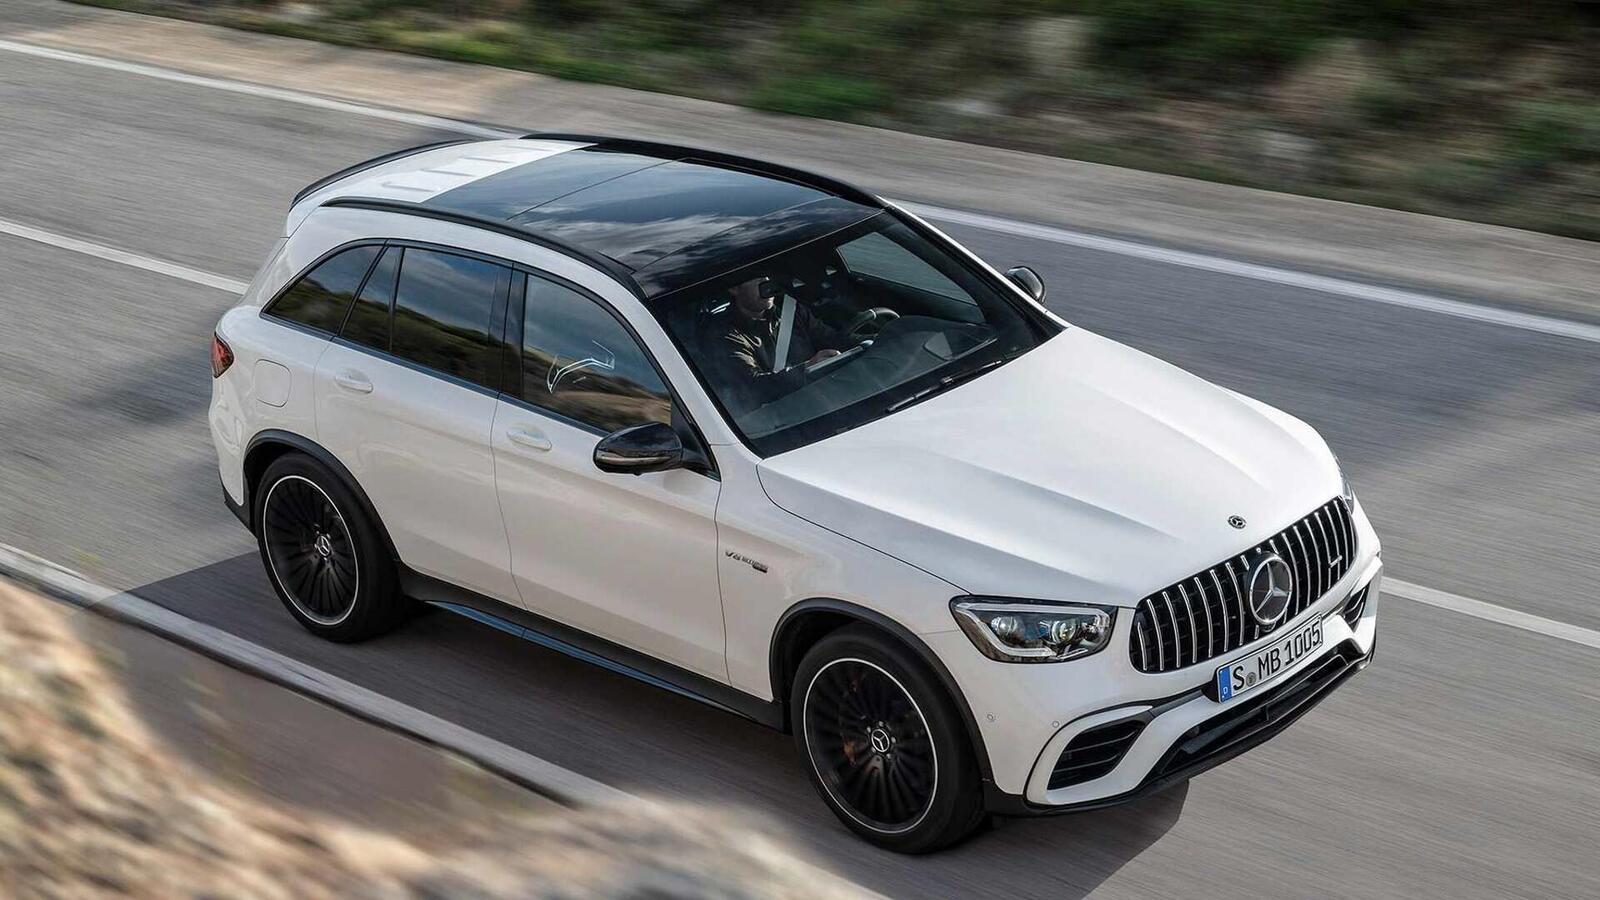 Mercedes-AMG giới thiệu GLC và GLC Coupe 63 mới lắp động cơ V8 4.0L Biturbo mạnh hơn 460 mã lực - Hình 15